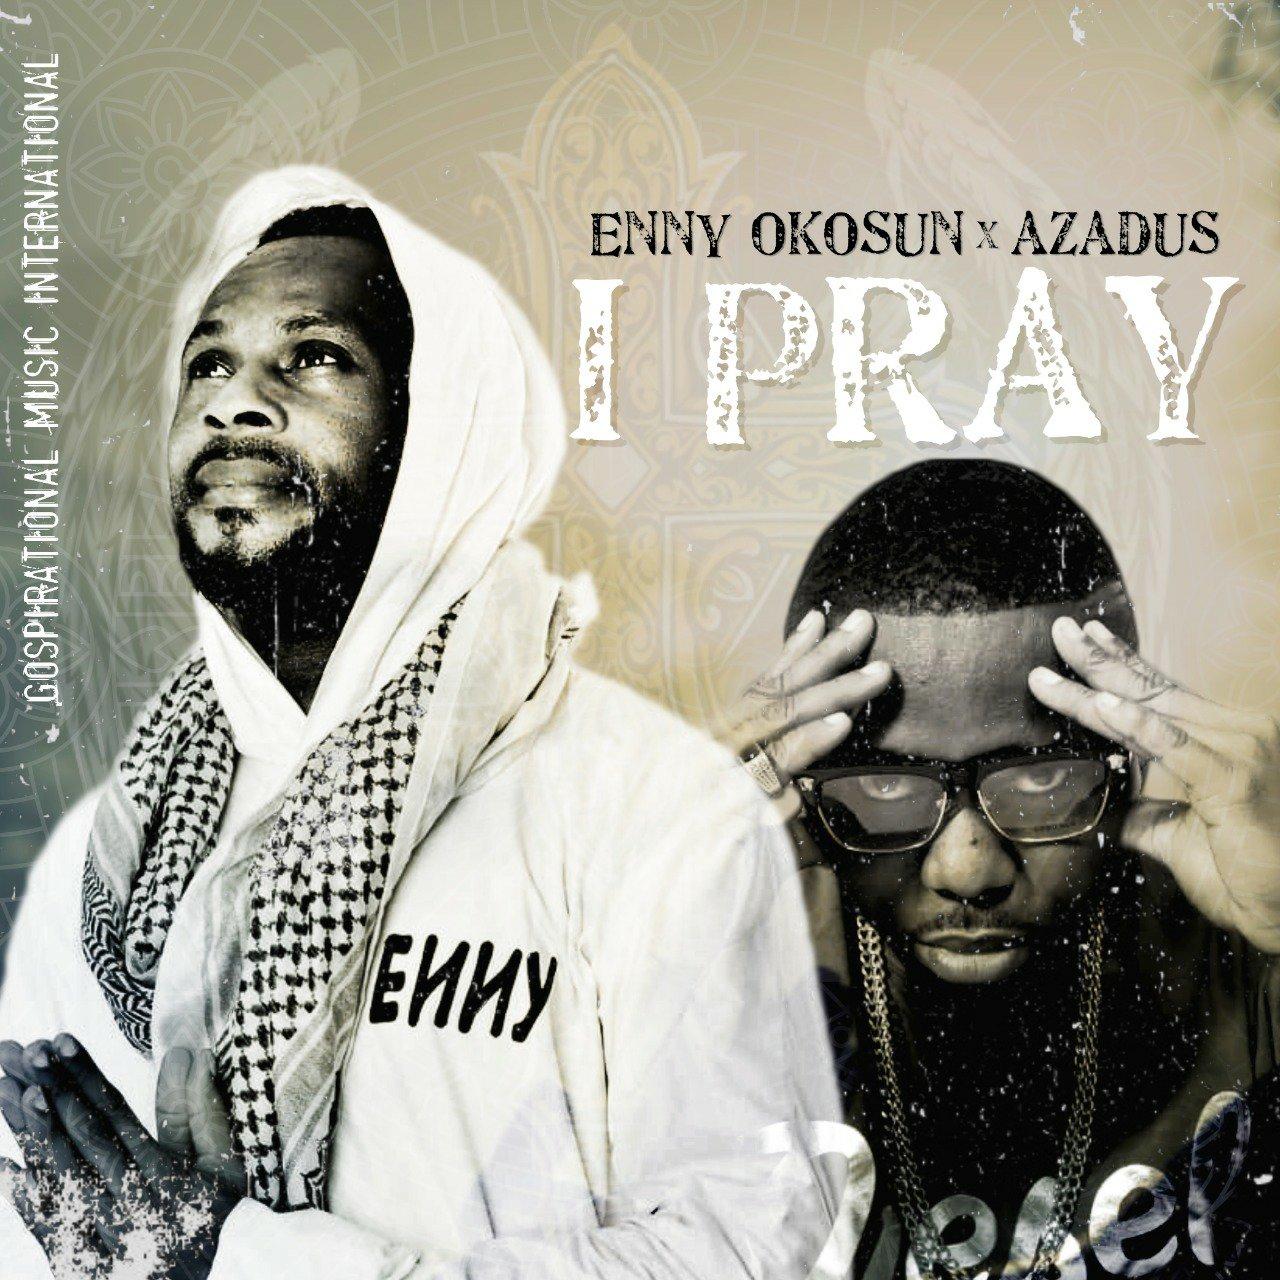 [Lyrics] Enny Okosun – I Pray